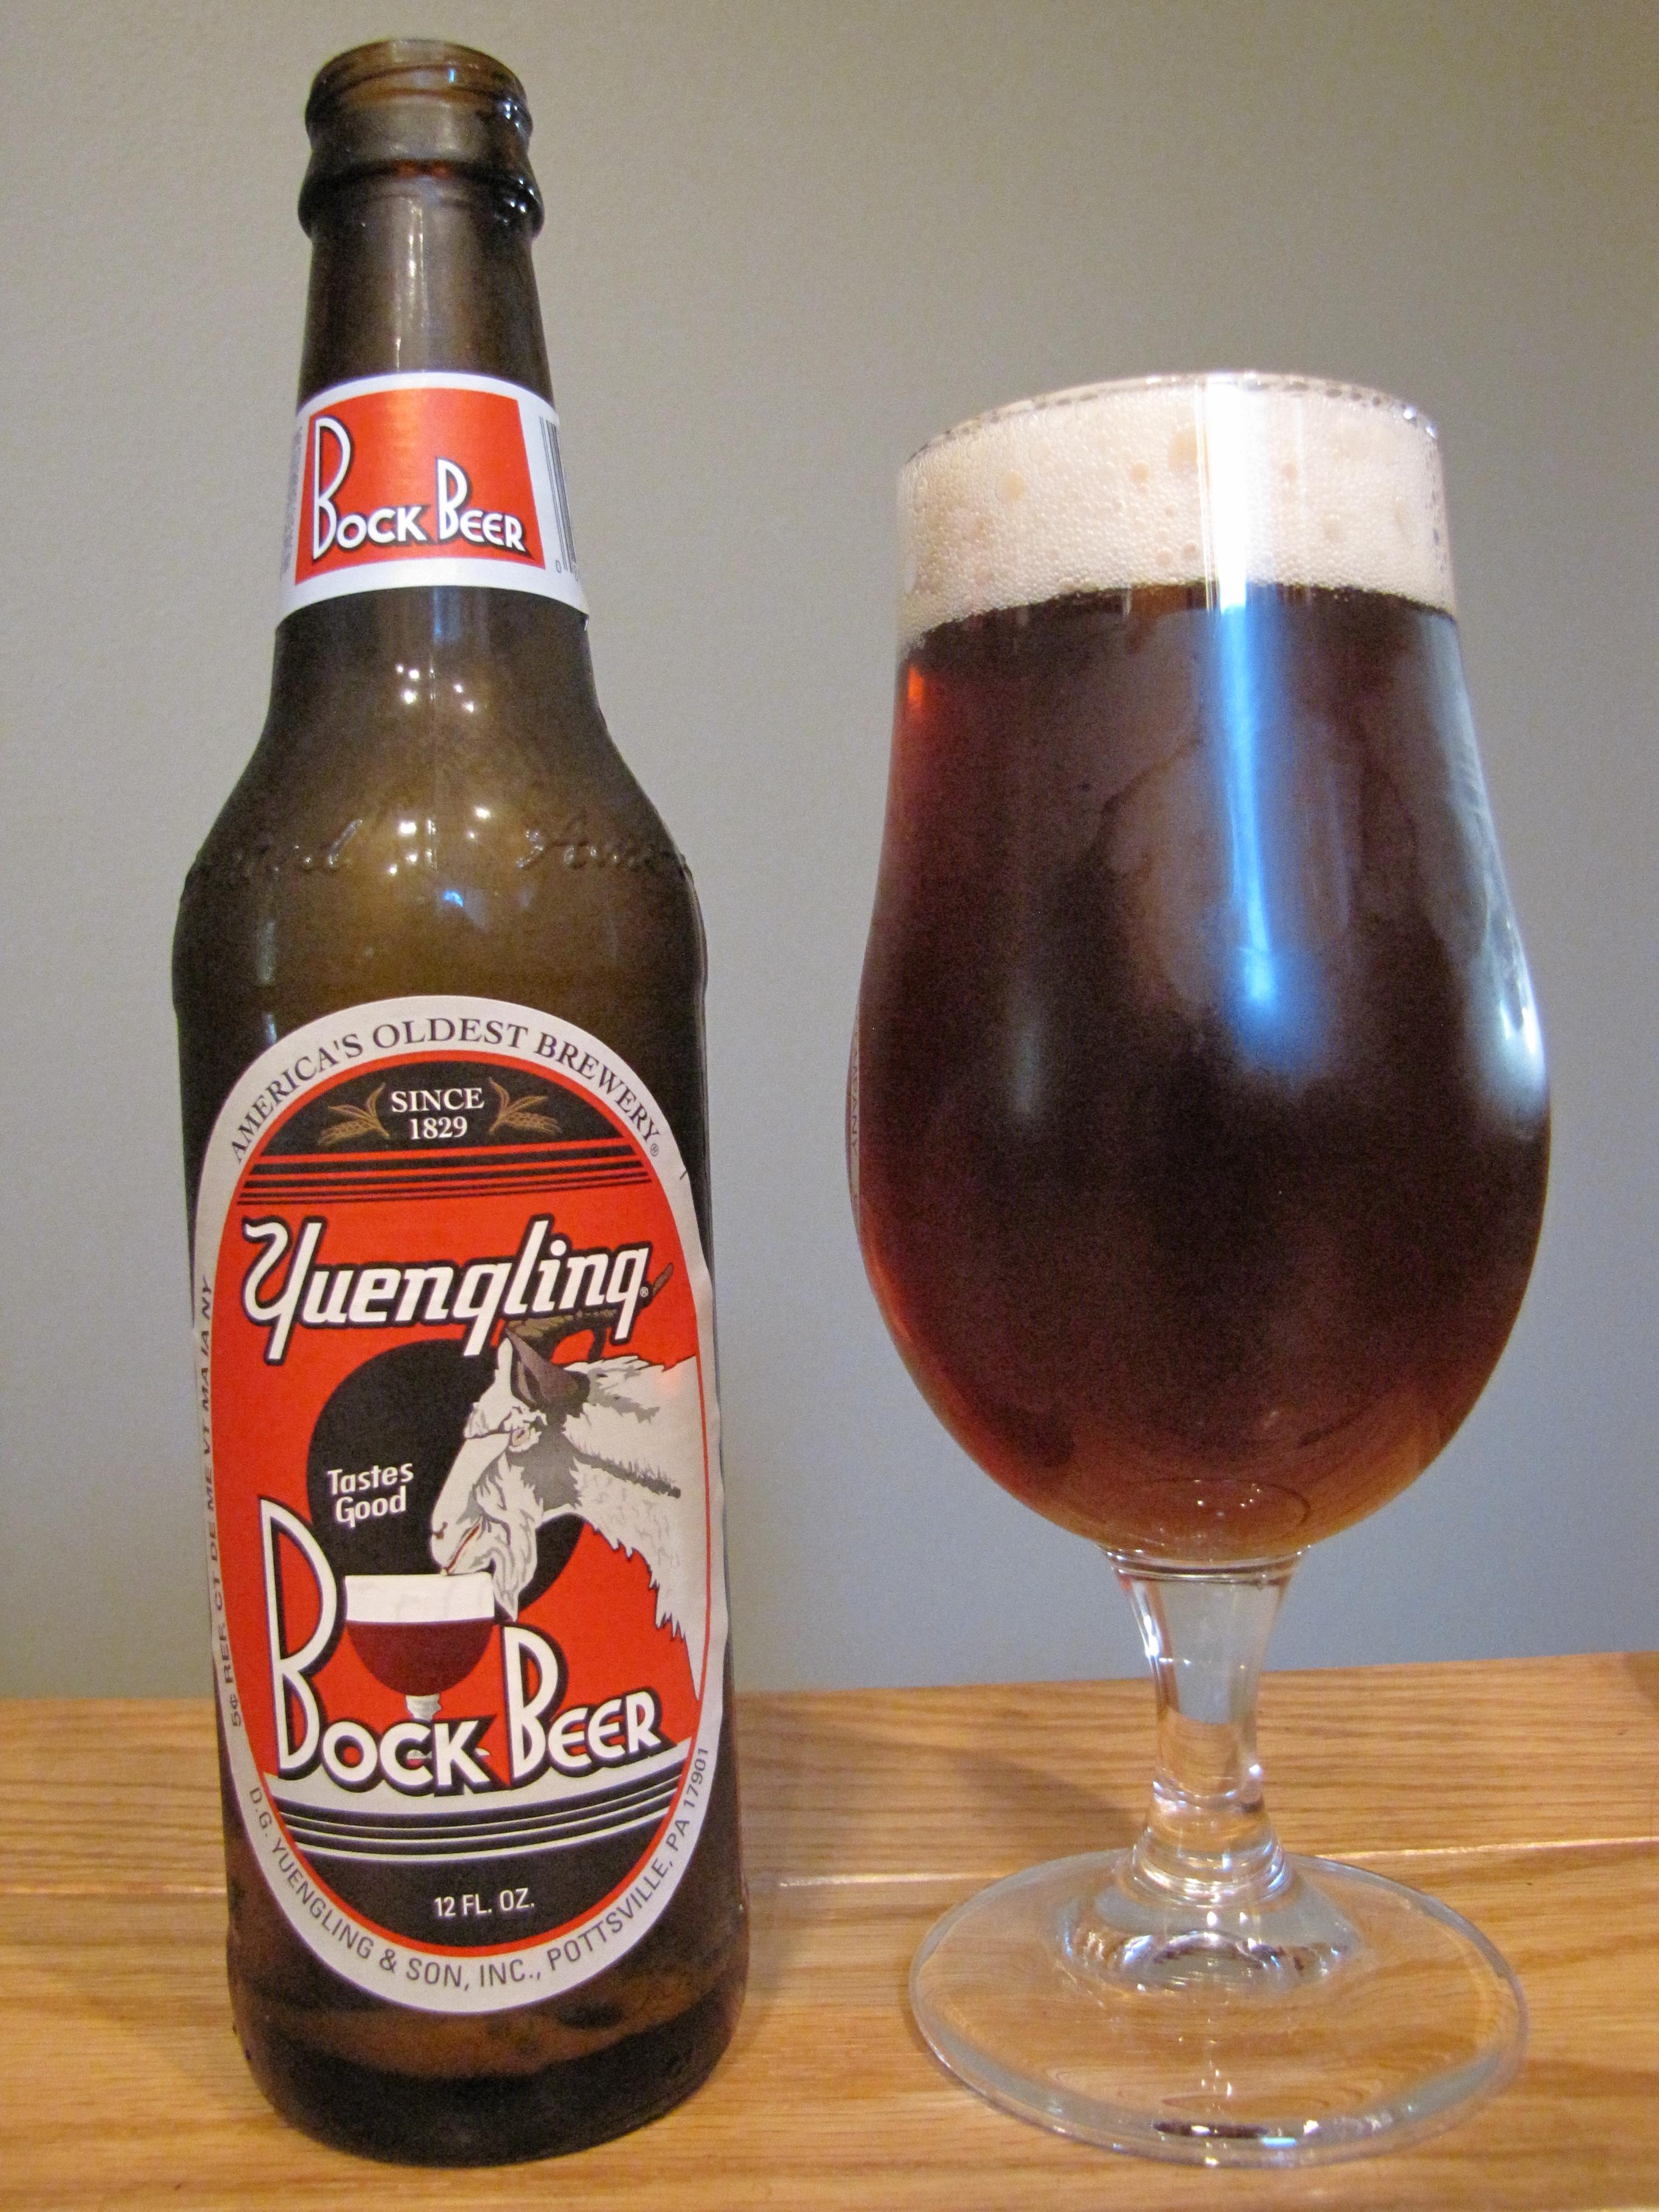 Yuengling Bock